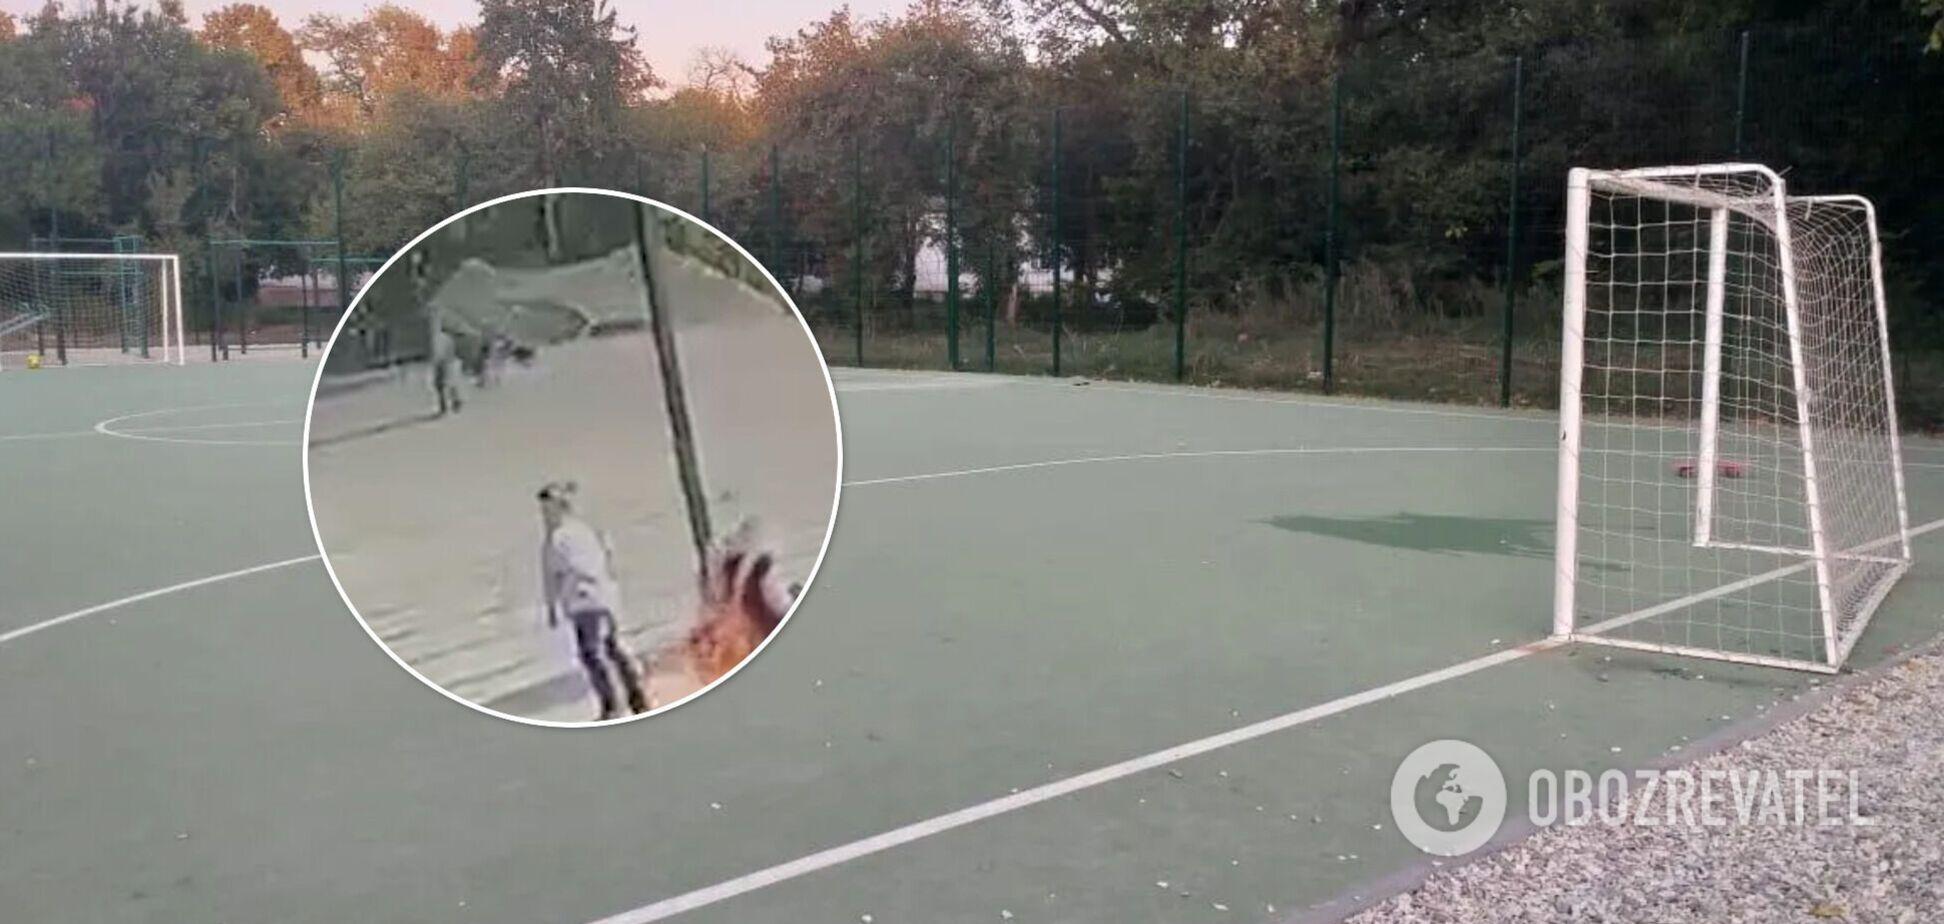 Падение футбольных ворот на ребенка в школе Харькова попало на видео